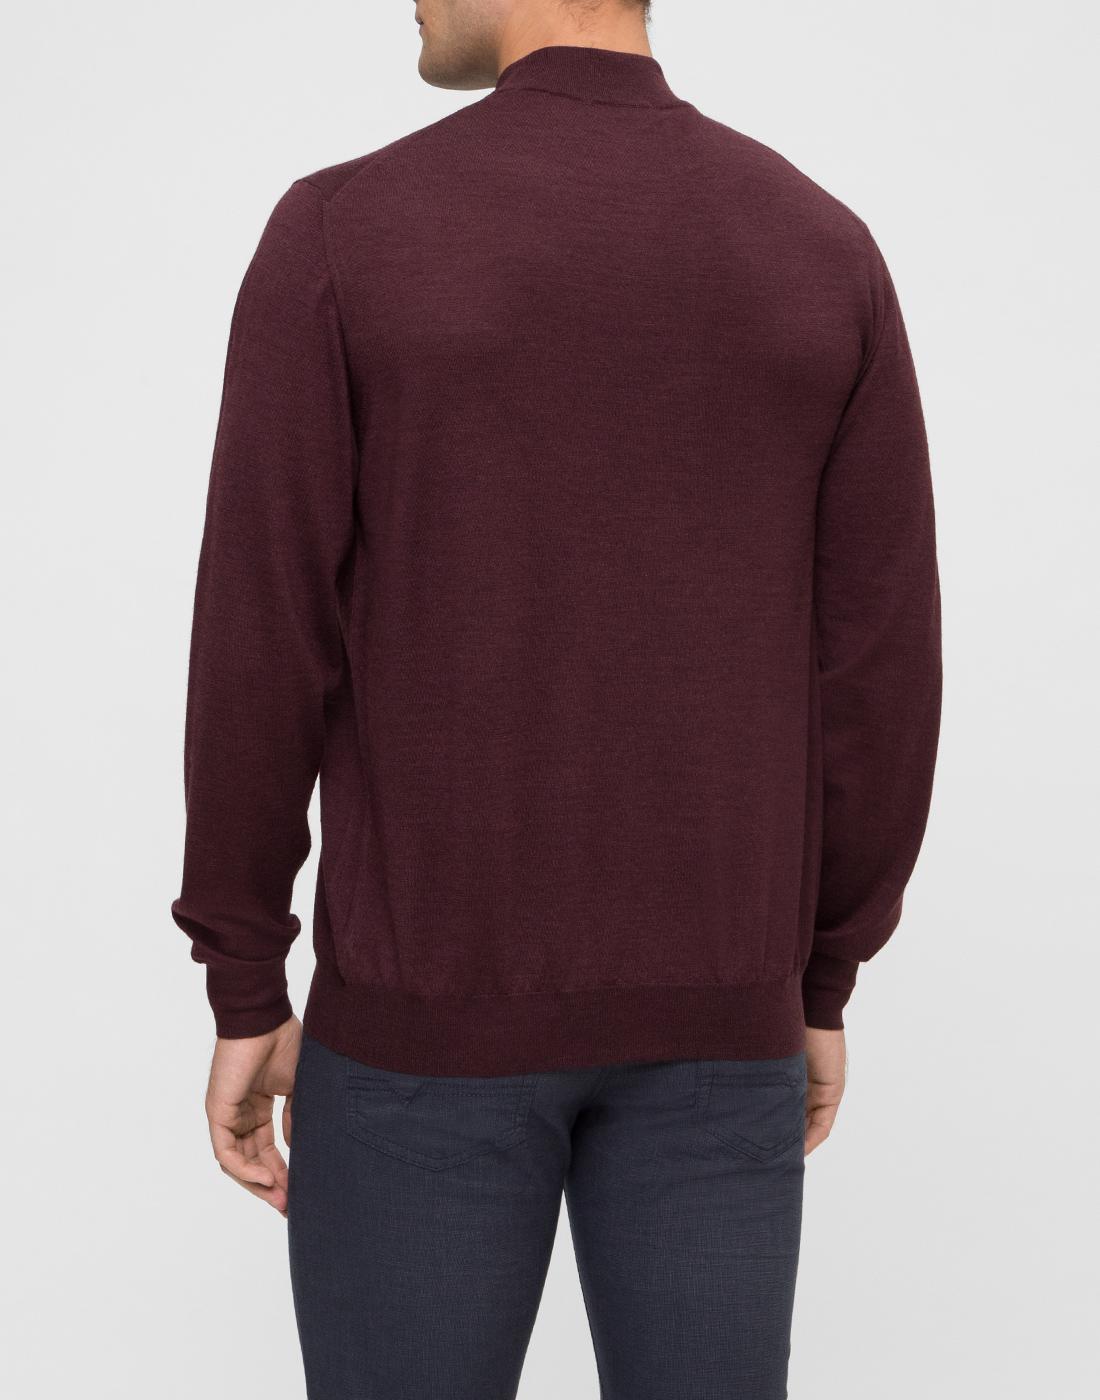 Мужской бордовый шерстяной свитер Dalmine S797020 835-4